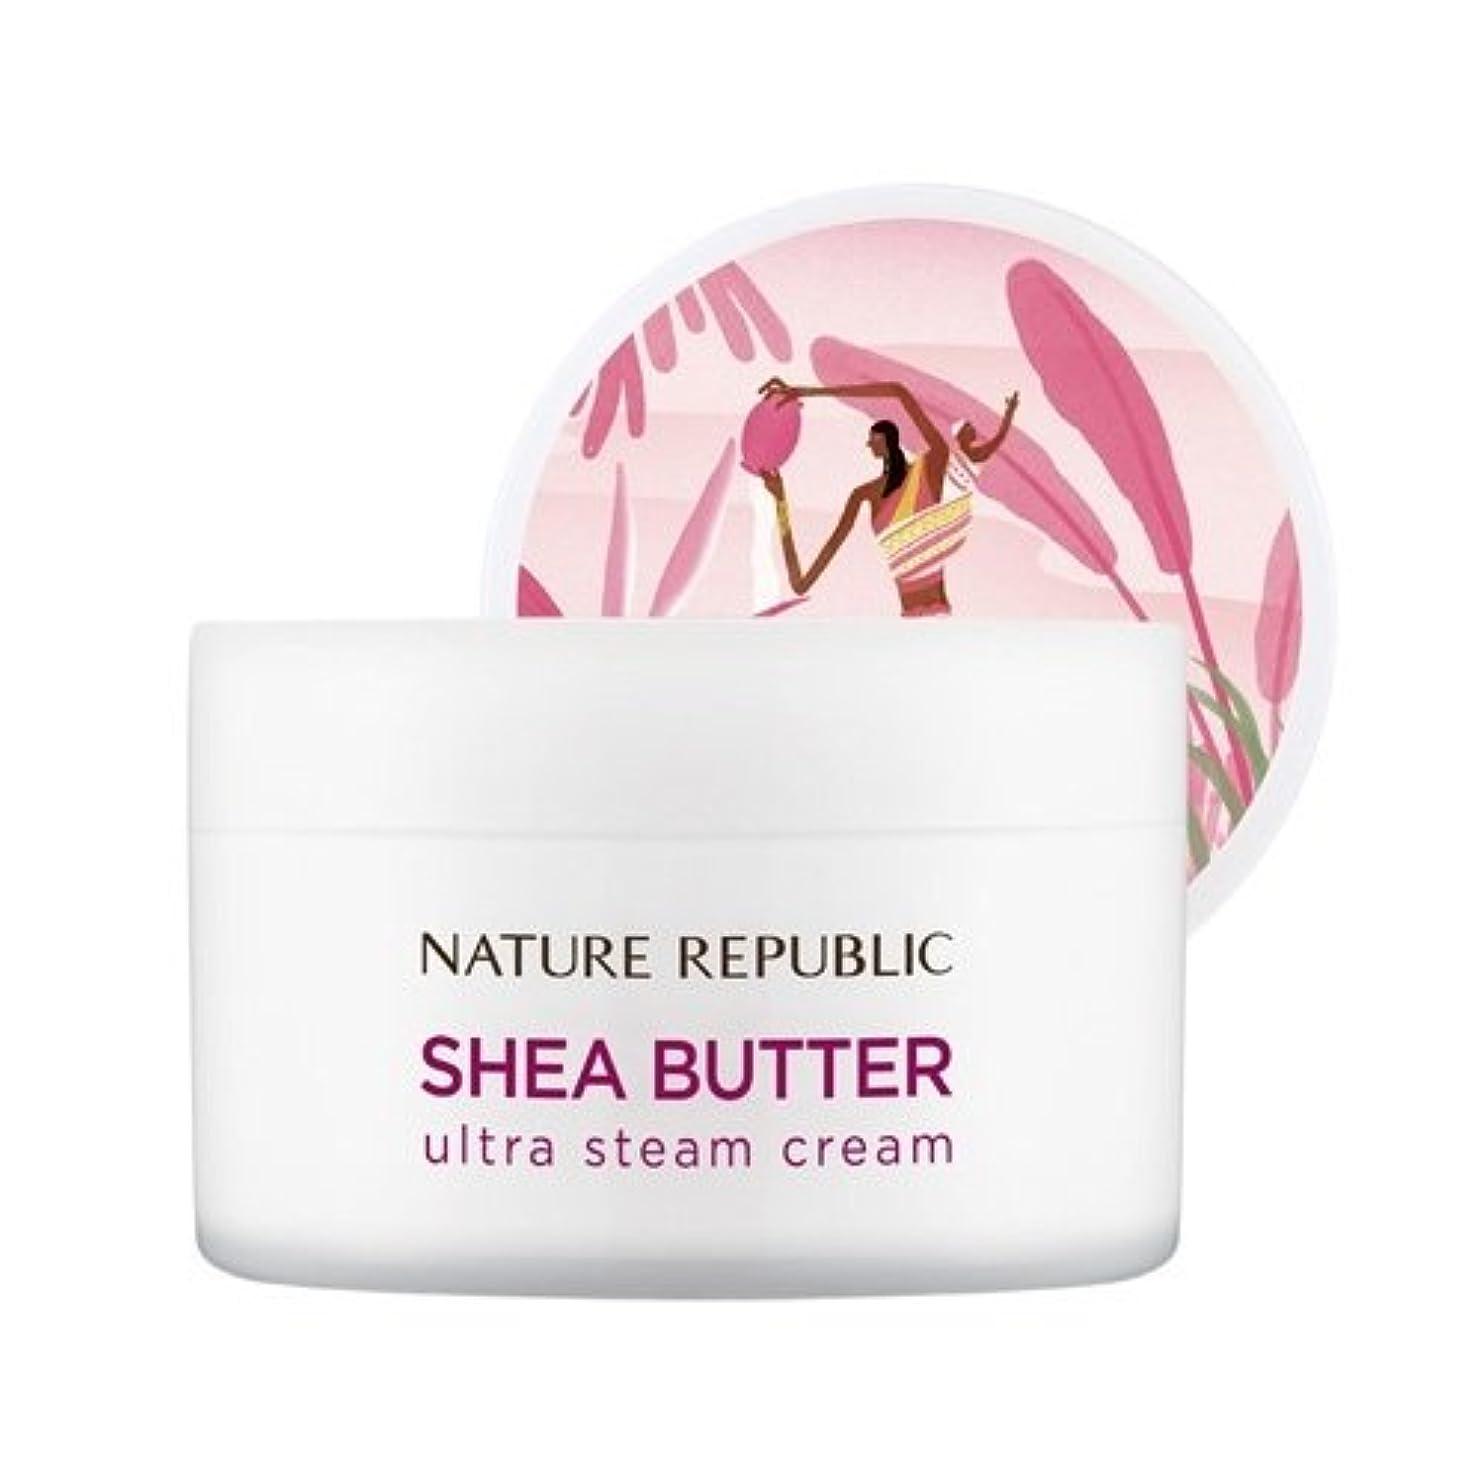 読者比較的で出来ているNATURE REPUBLIC(ネイチャーリパブリック) SHEA BUTTER STEAM CREAM シアバター スチーム クリーム #ウルトラ極乾燥肌